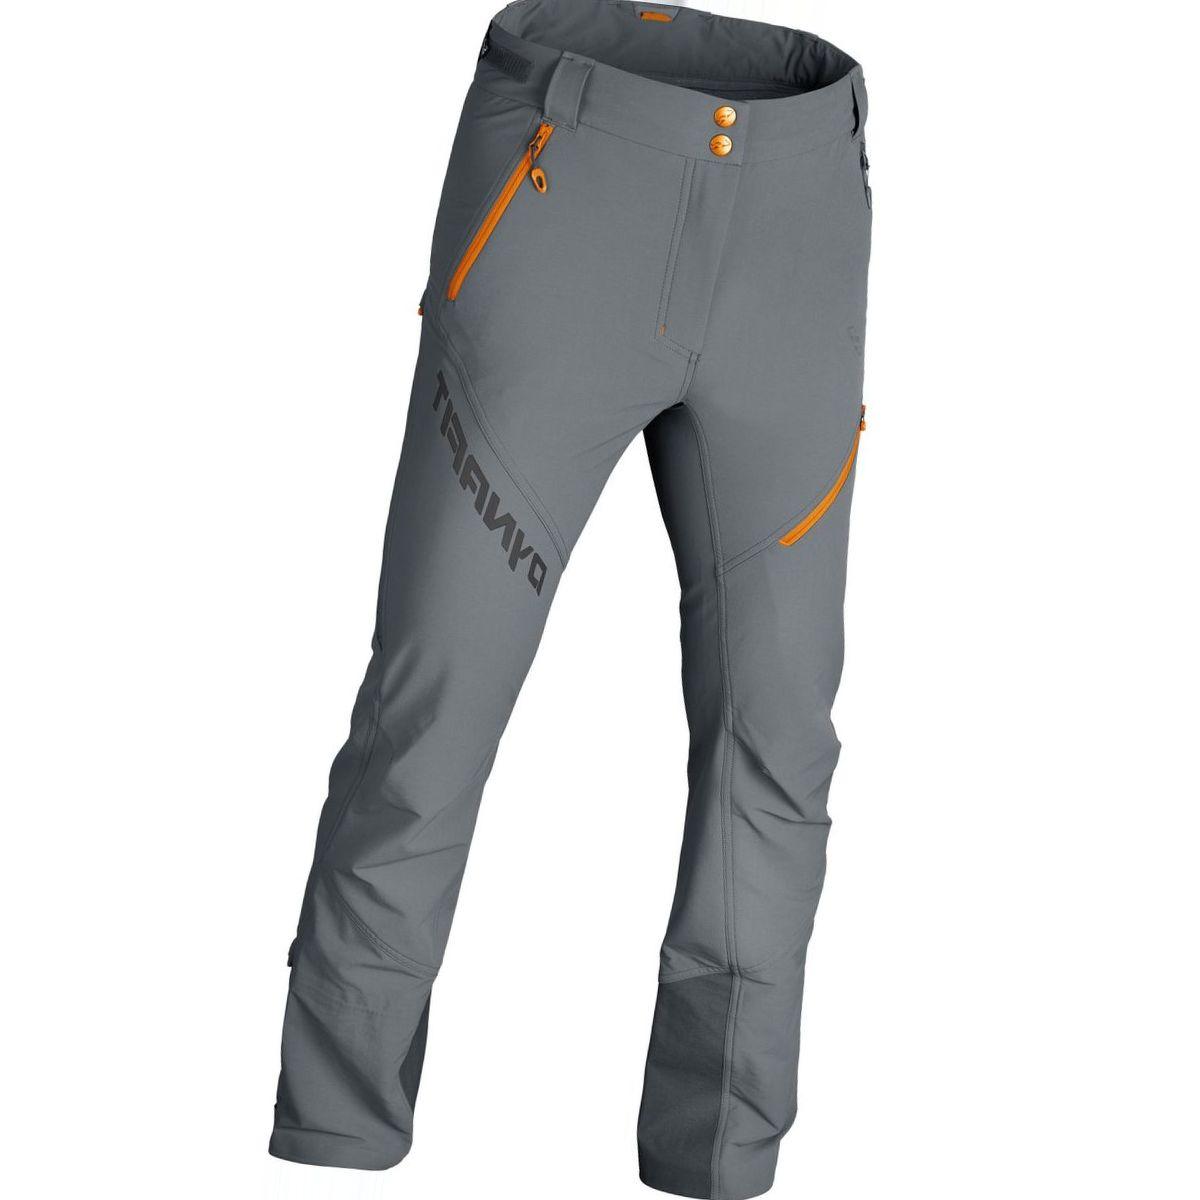 Dynafit Mercury 2 Dyna-Stretch Softshell Pant - Men's